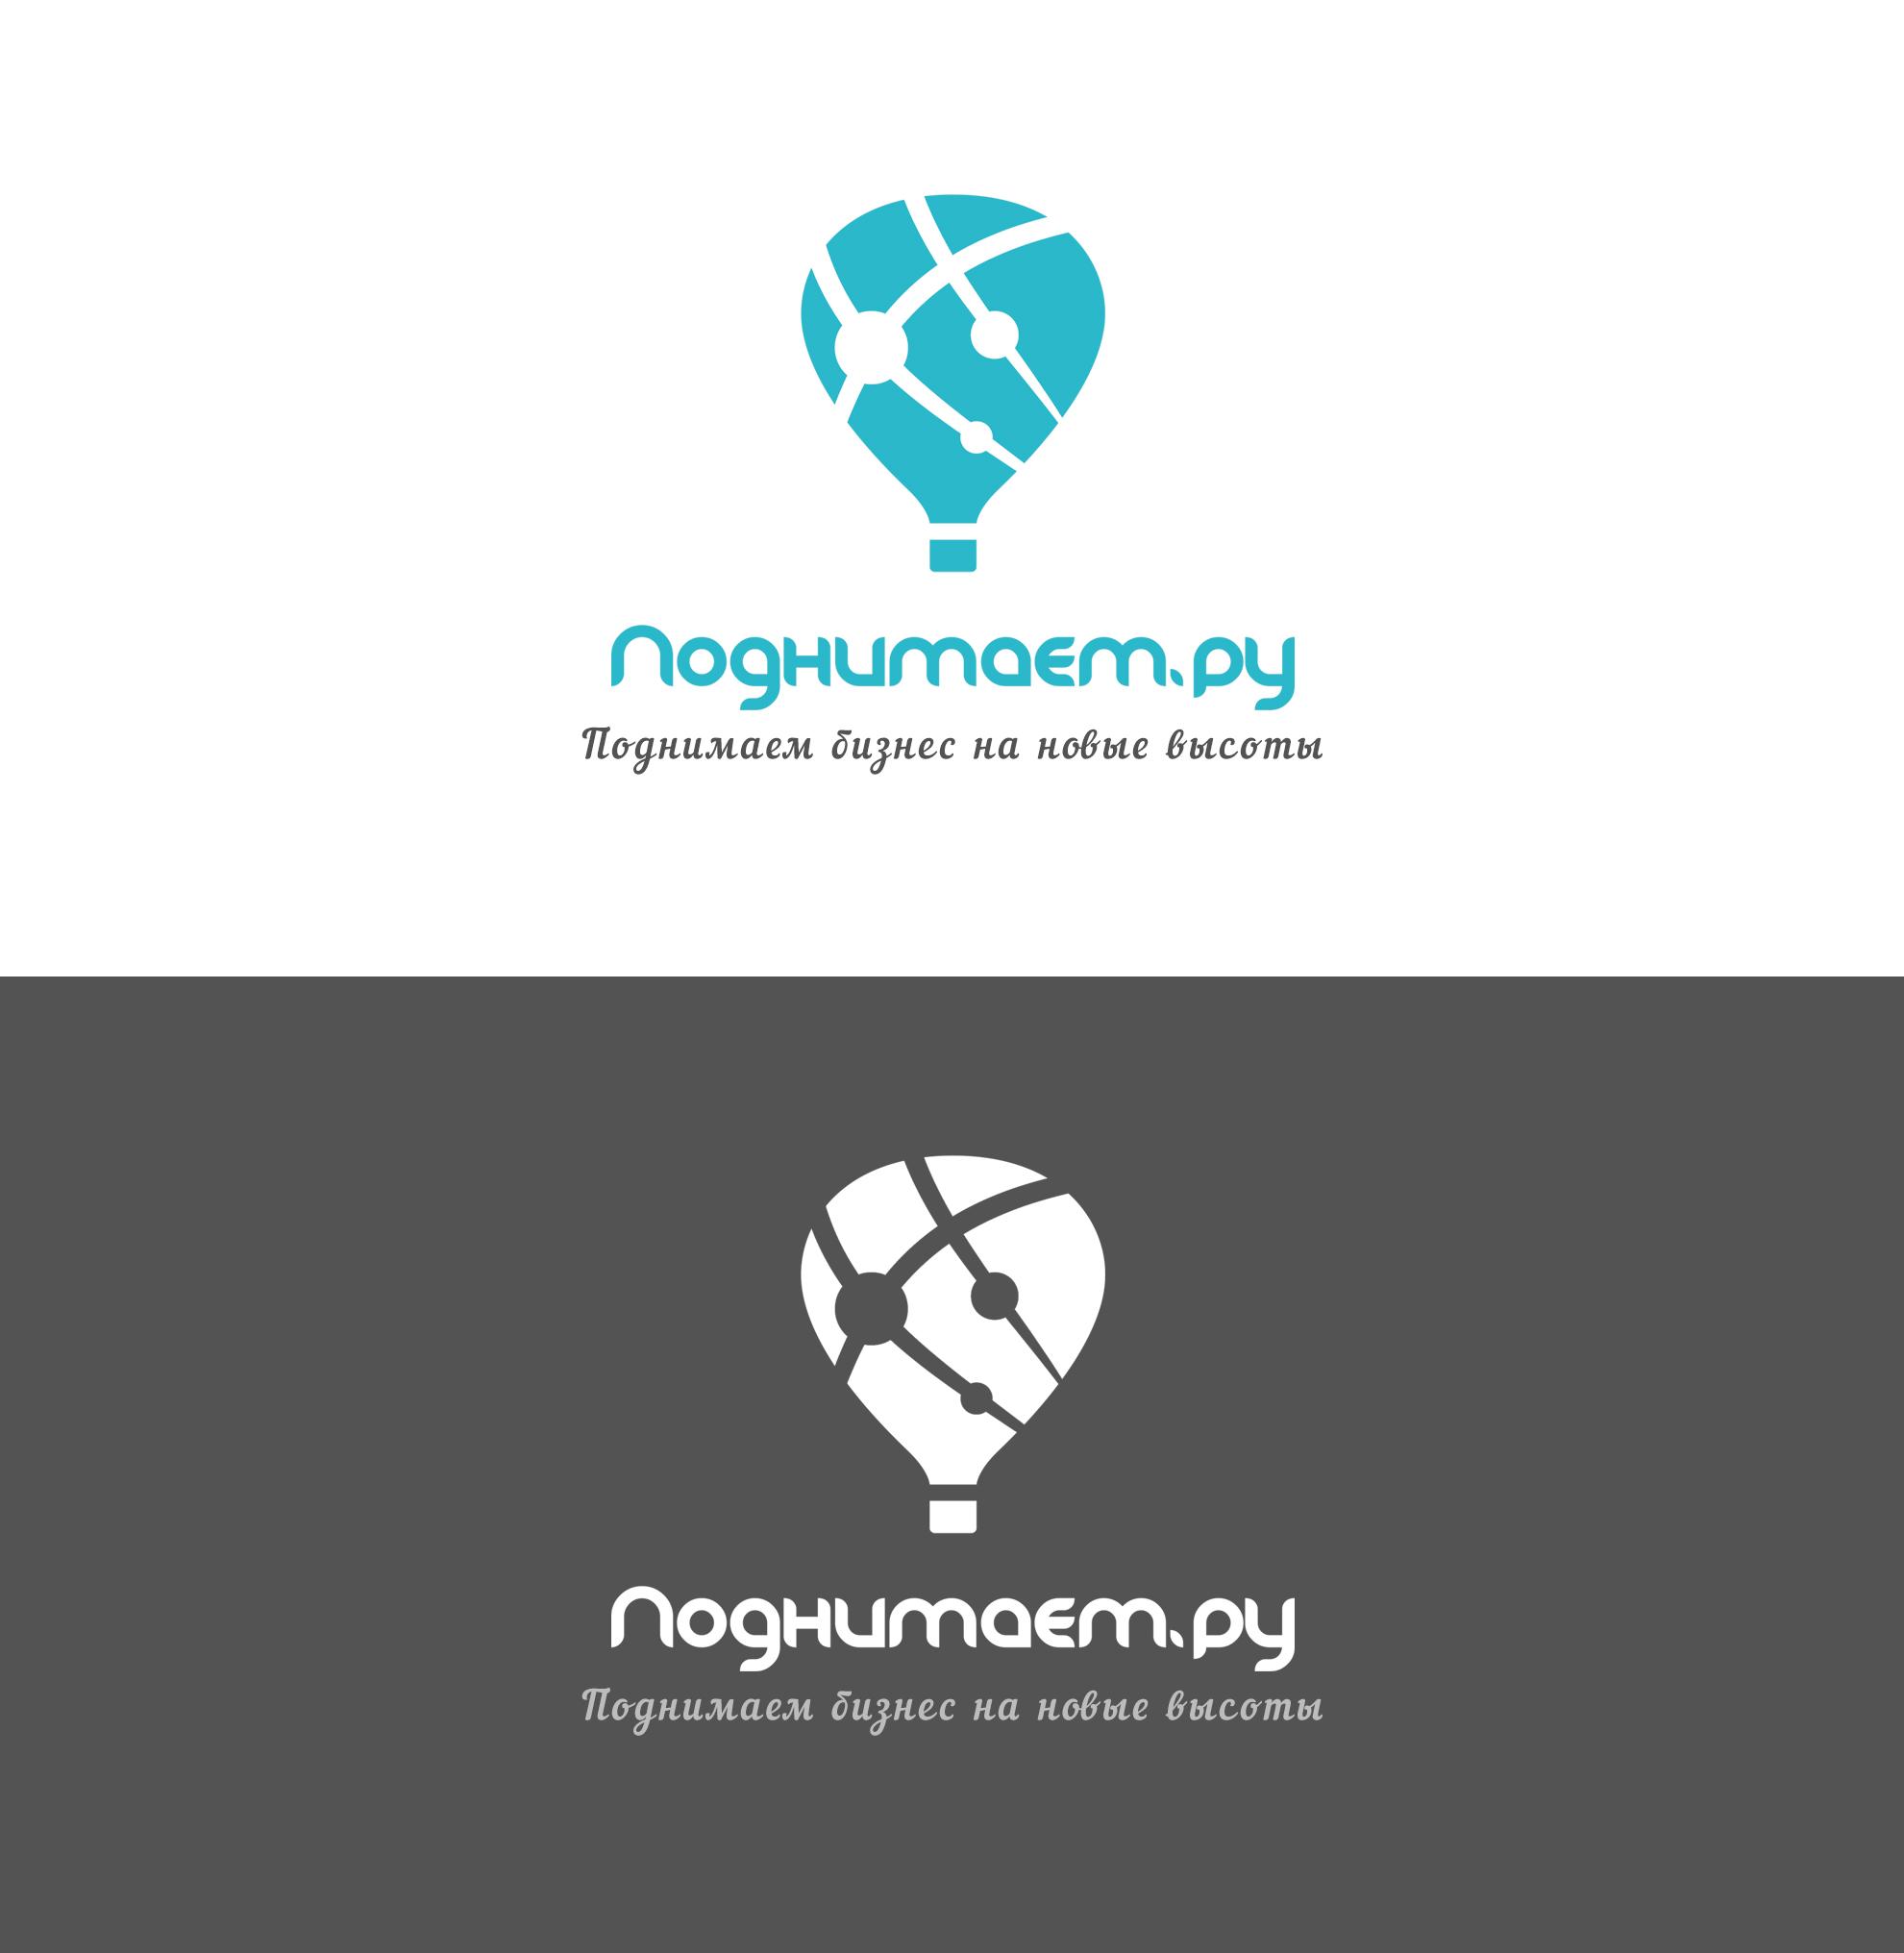 Разработать логотип + визитку + логотип для печати ООО +++ фото f_02255465172854b9.jpg